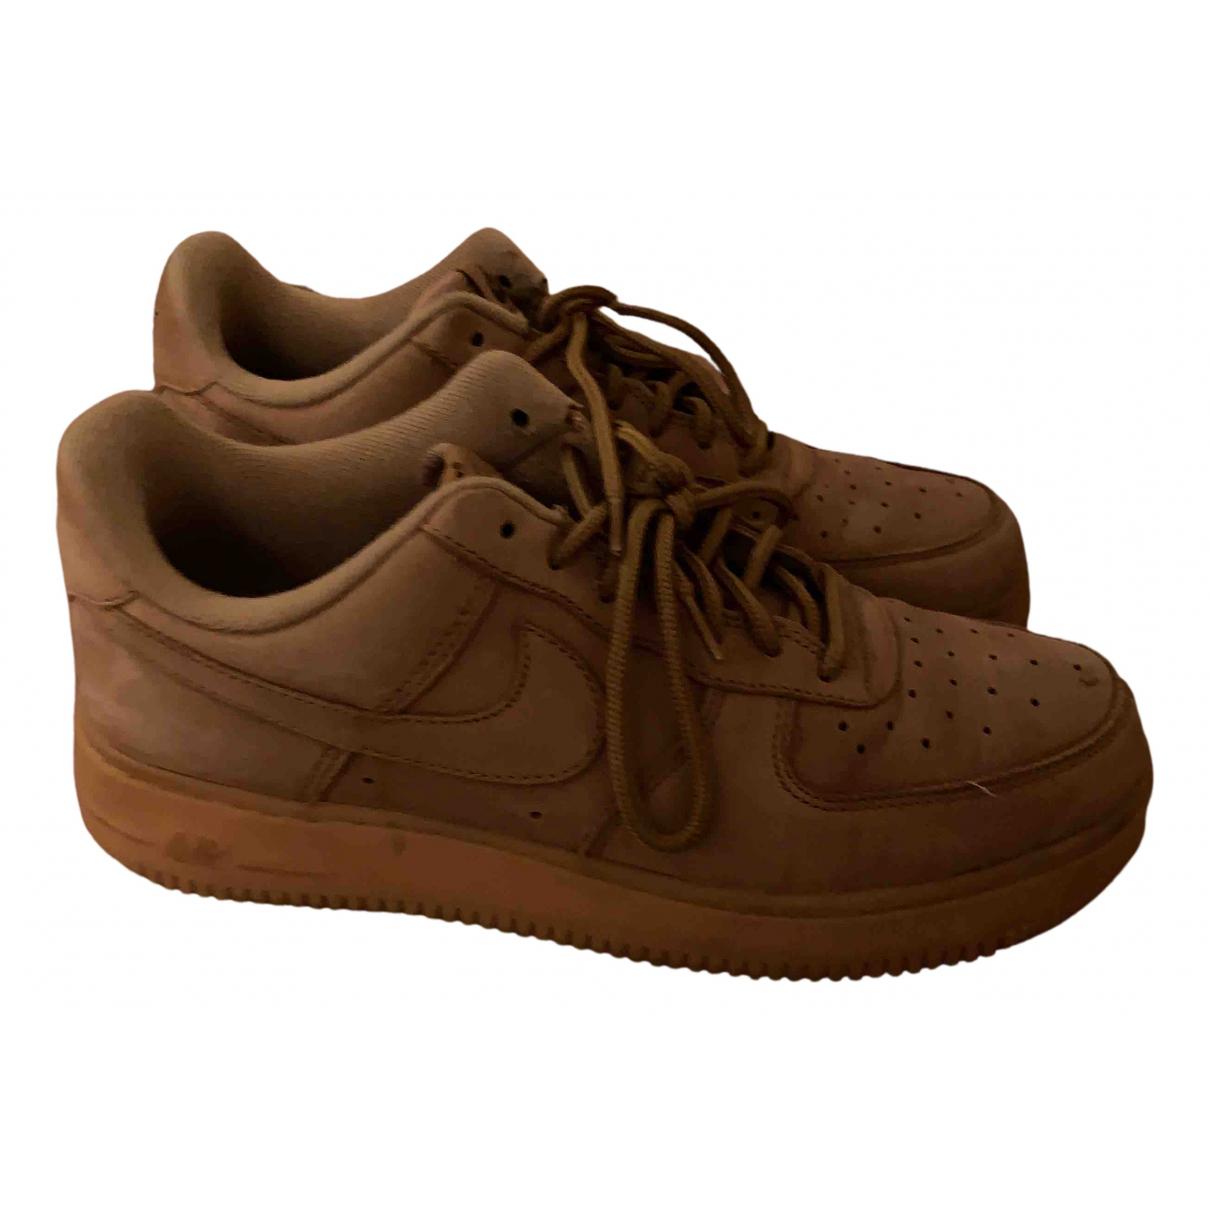 Nike - Baskets Air Force 1 pour homme en caoutchouc - camel